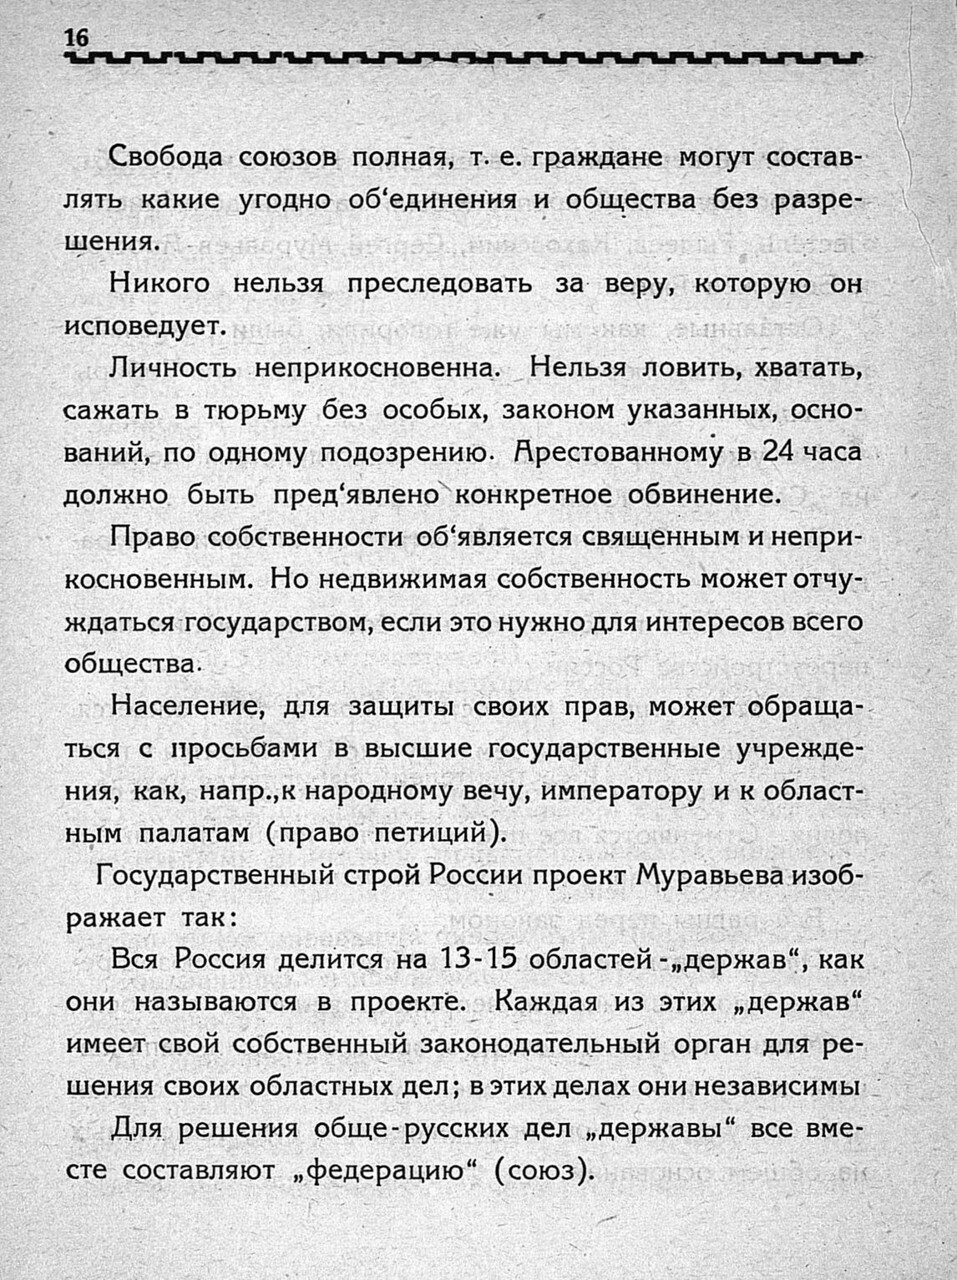 https://img-fotki.yandex.ru/get/96770/199368979.23/0_1bfad4_a6f0386e_XXXL.jpg